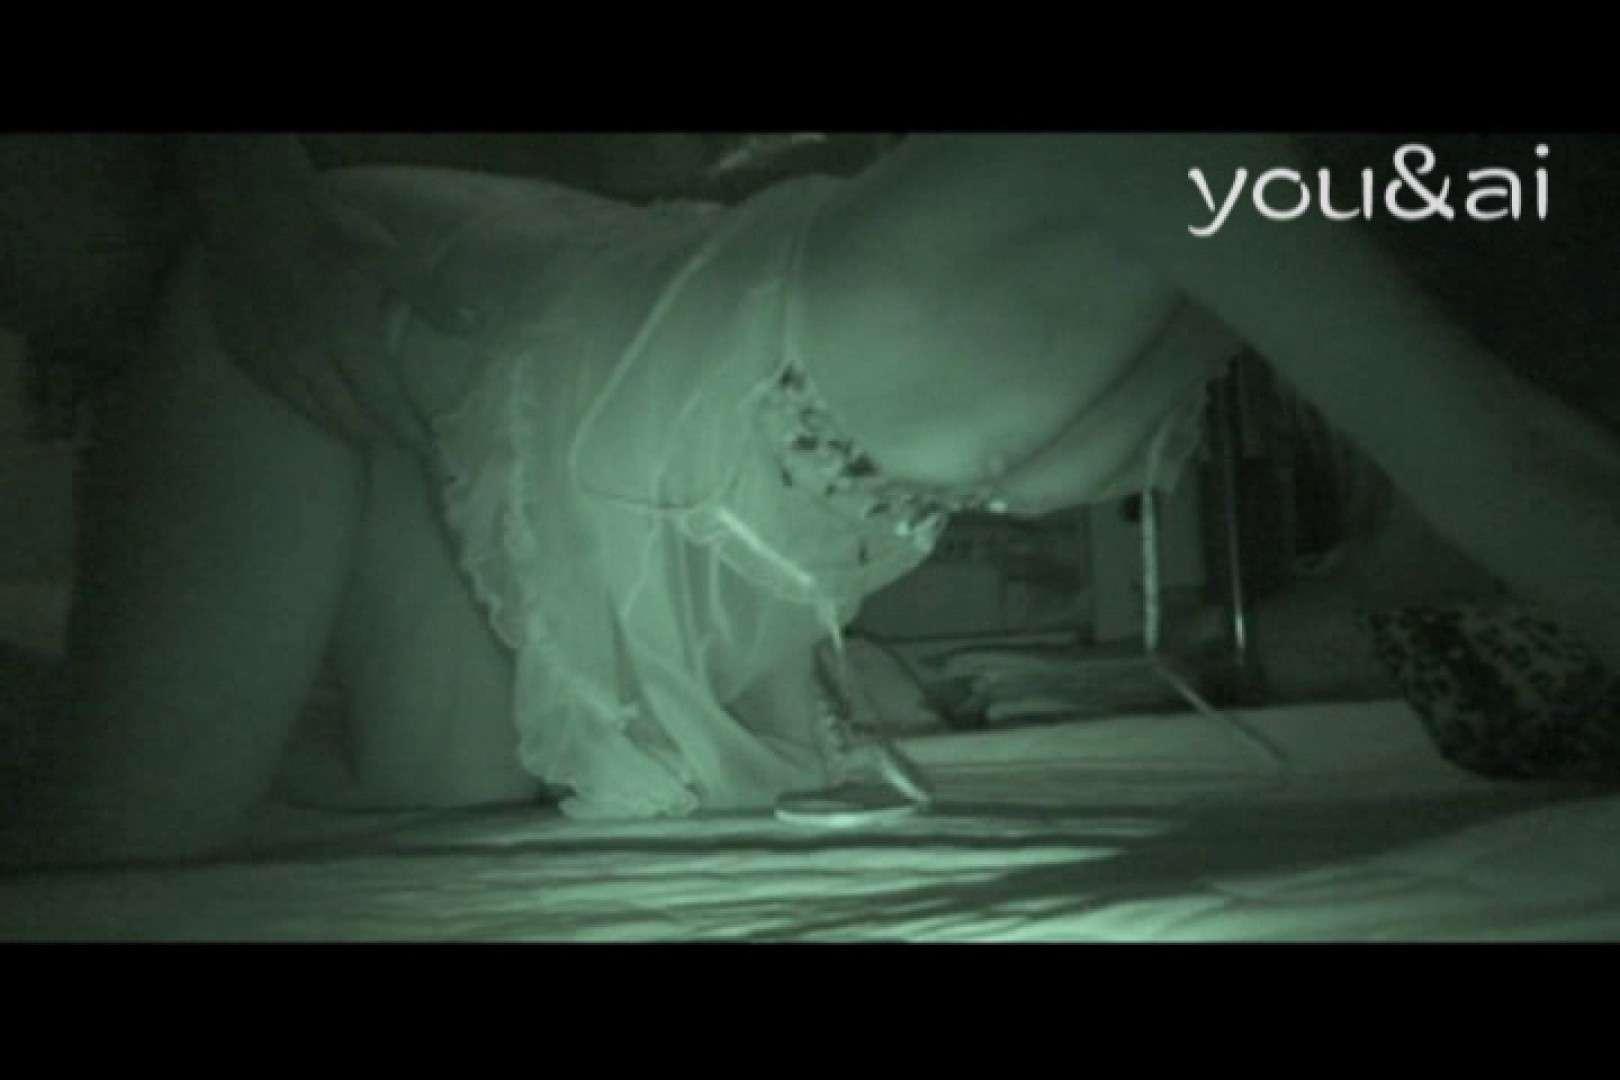 おしどり夫婦のyou&aiさん投稿作品vol.9 一般投稿 性交動画流出 64pic 47